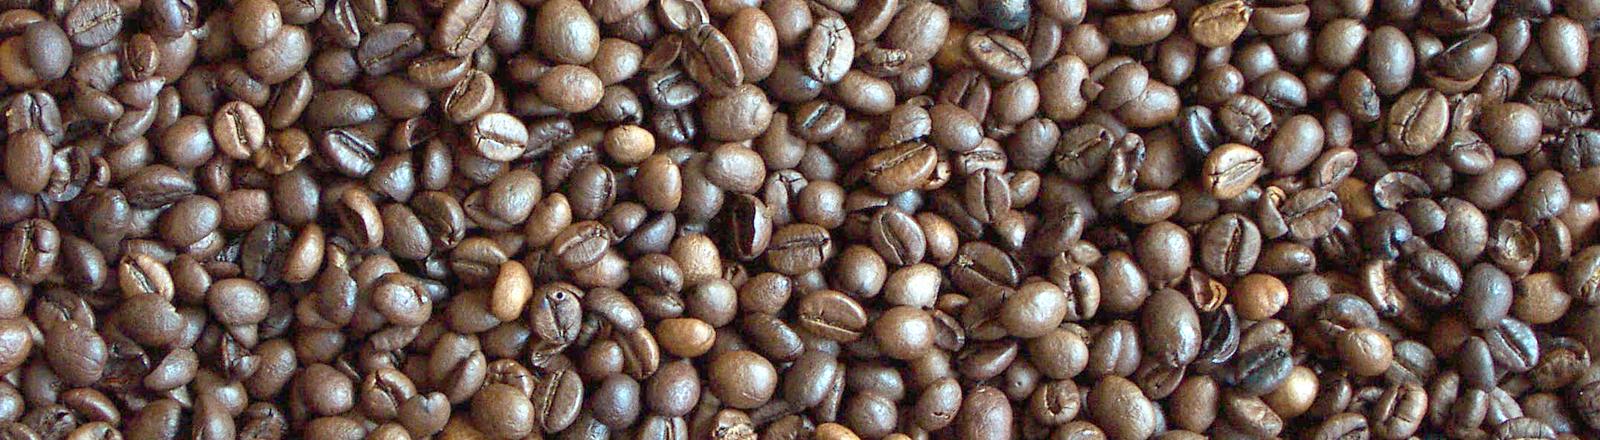 Kaffeebohnen liegen auf einem Tisch.